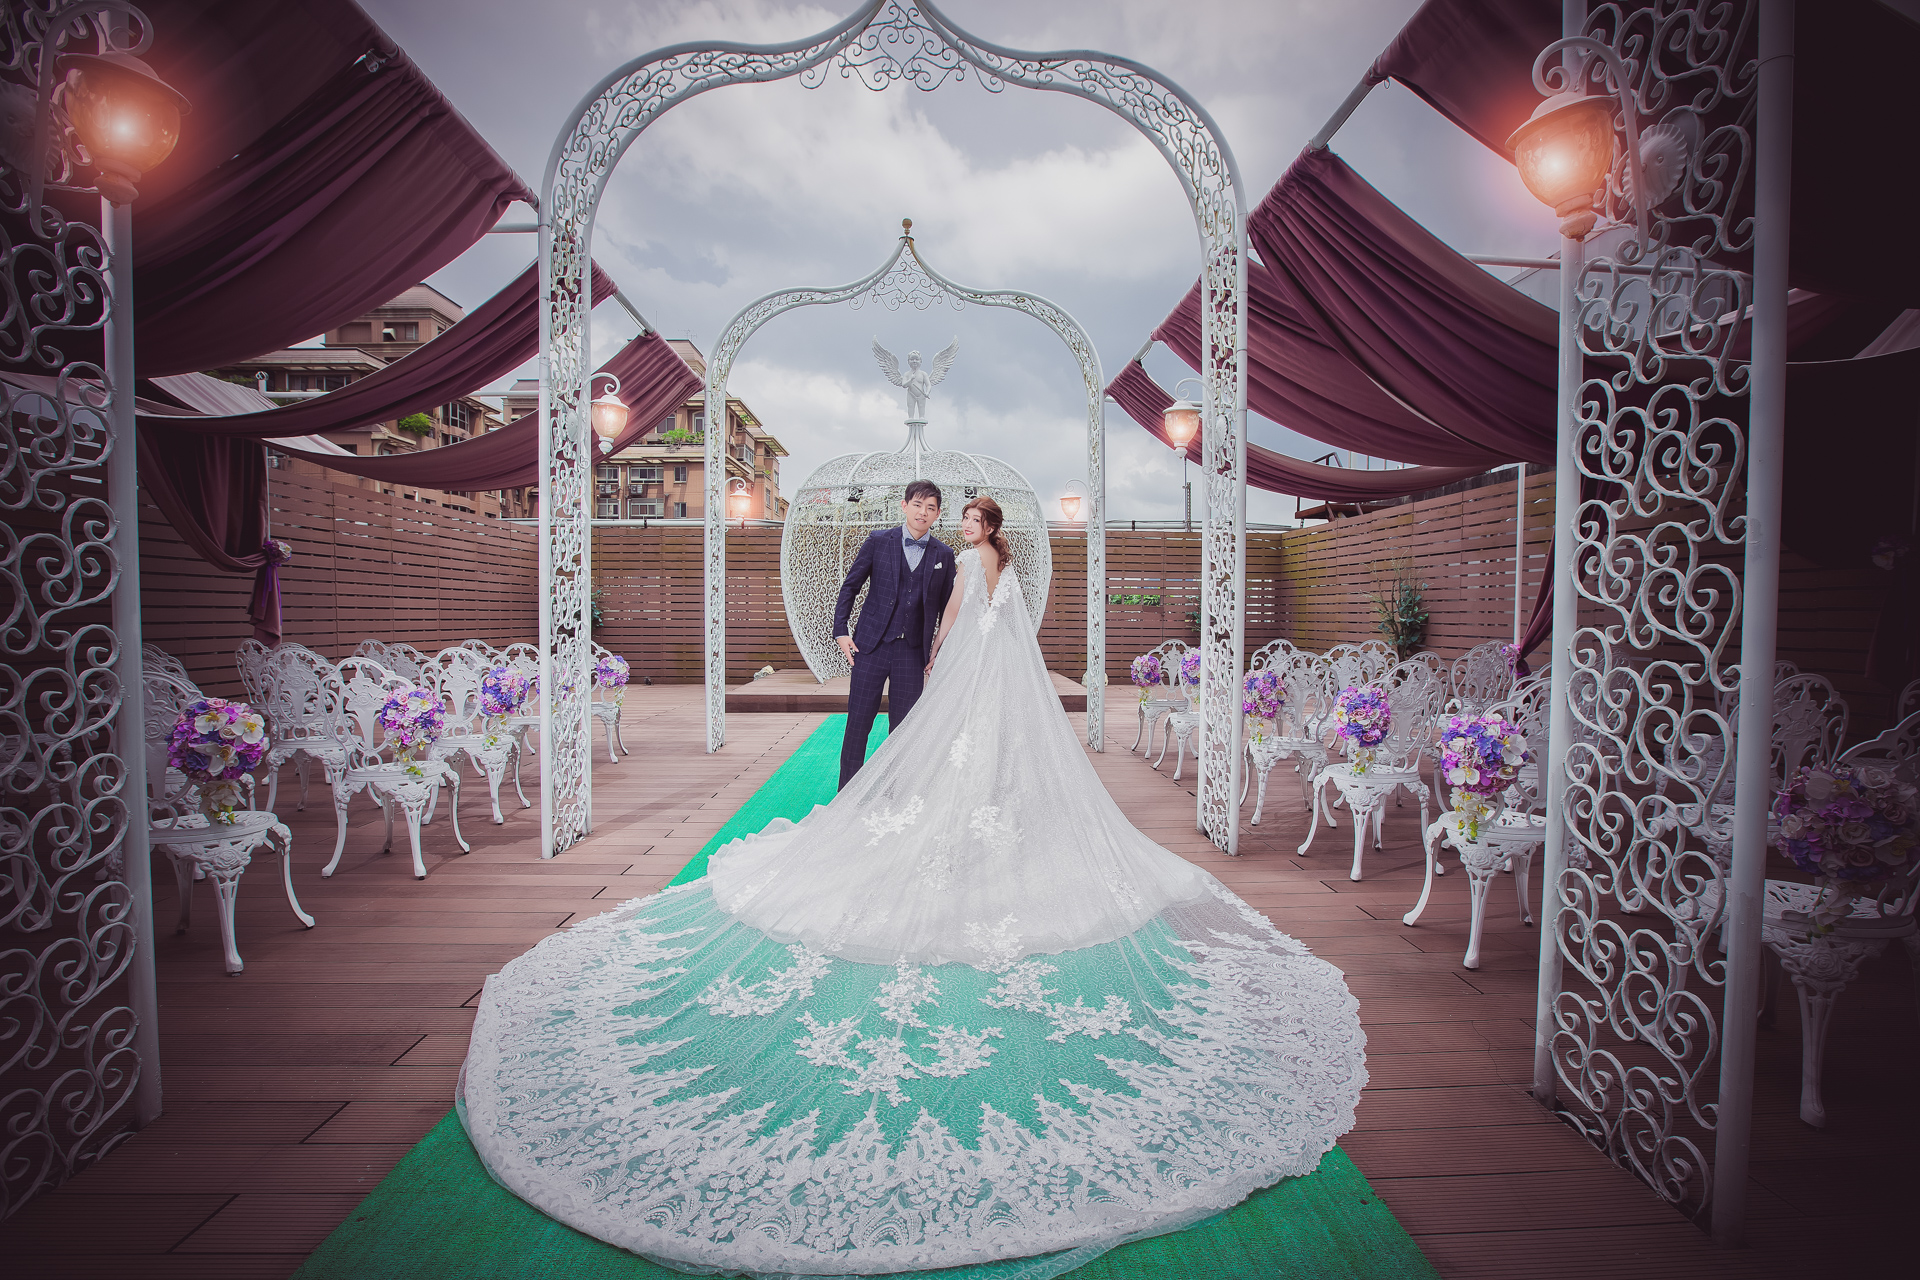 婚禮攝影,婚攝,馥都飯店,府中晶宴,晶宴